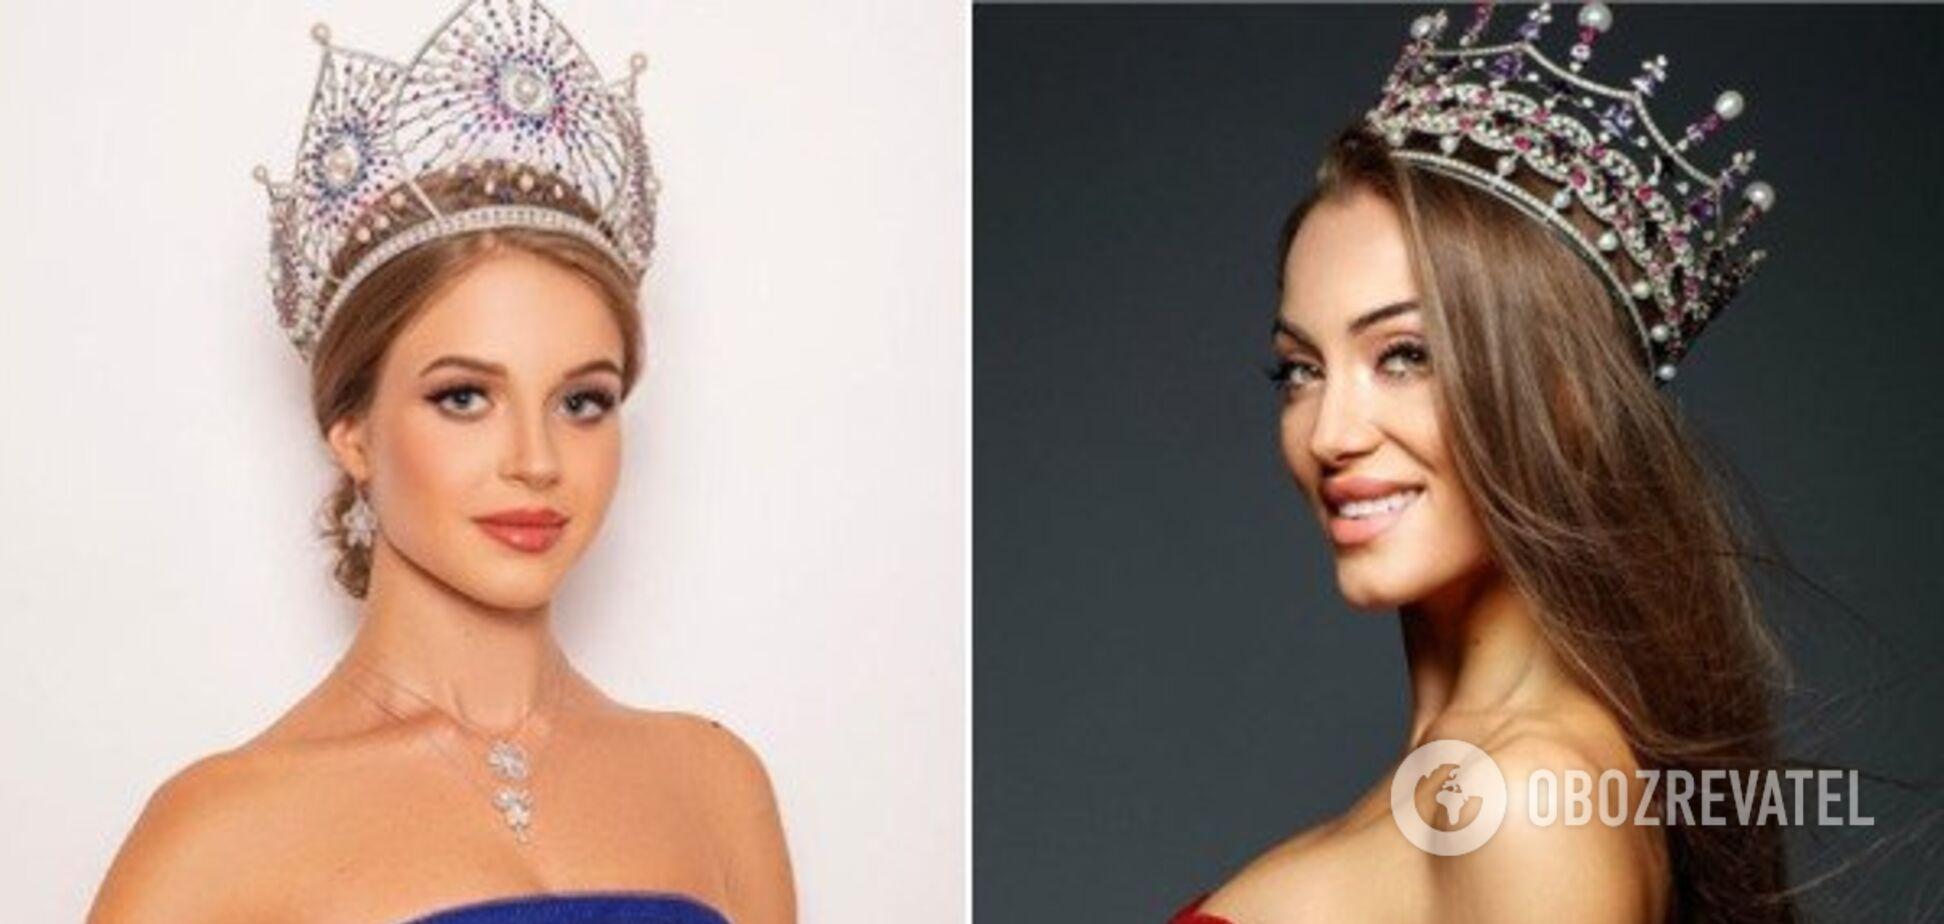 Українка проти росіянки: яка з учасниць 'Міс Світу 2019' красивіша. Опитування